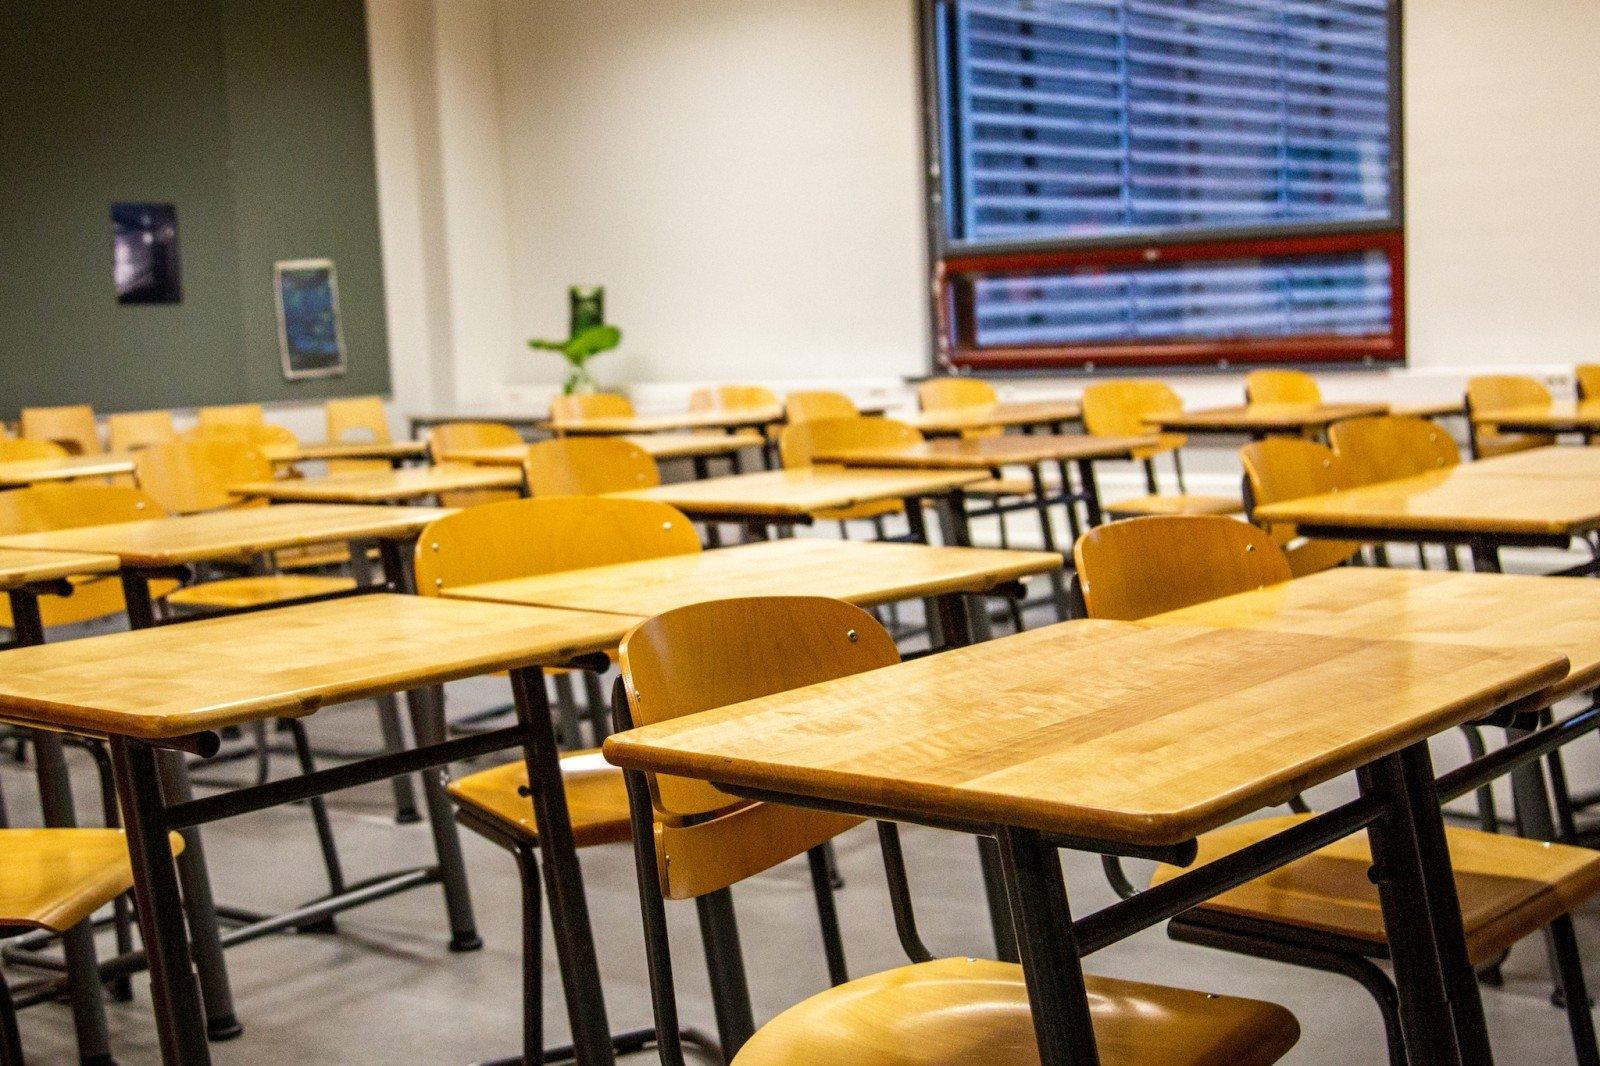 Празднование последнего звонка в школе-гимназии Ново-Павловки в режиме онлайн (видео)